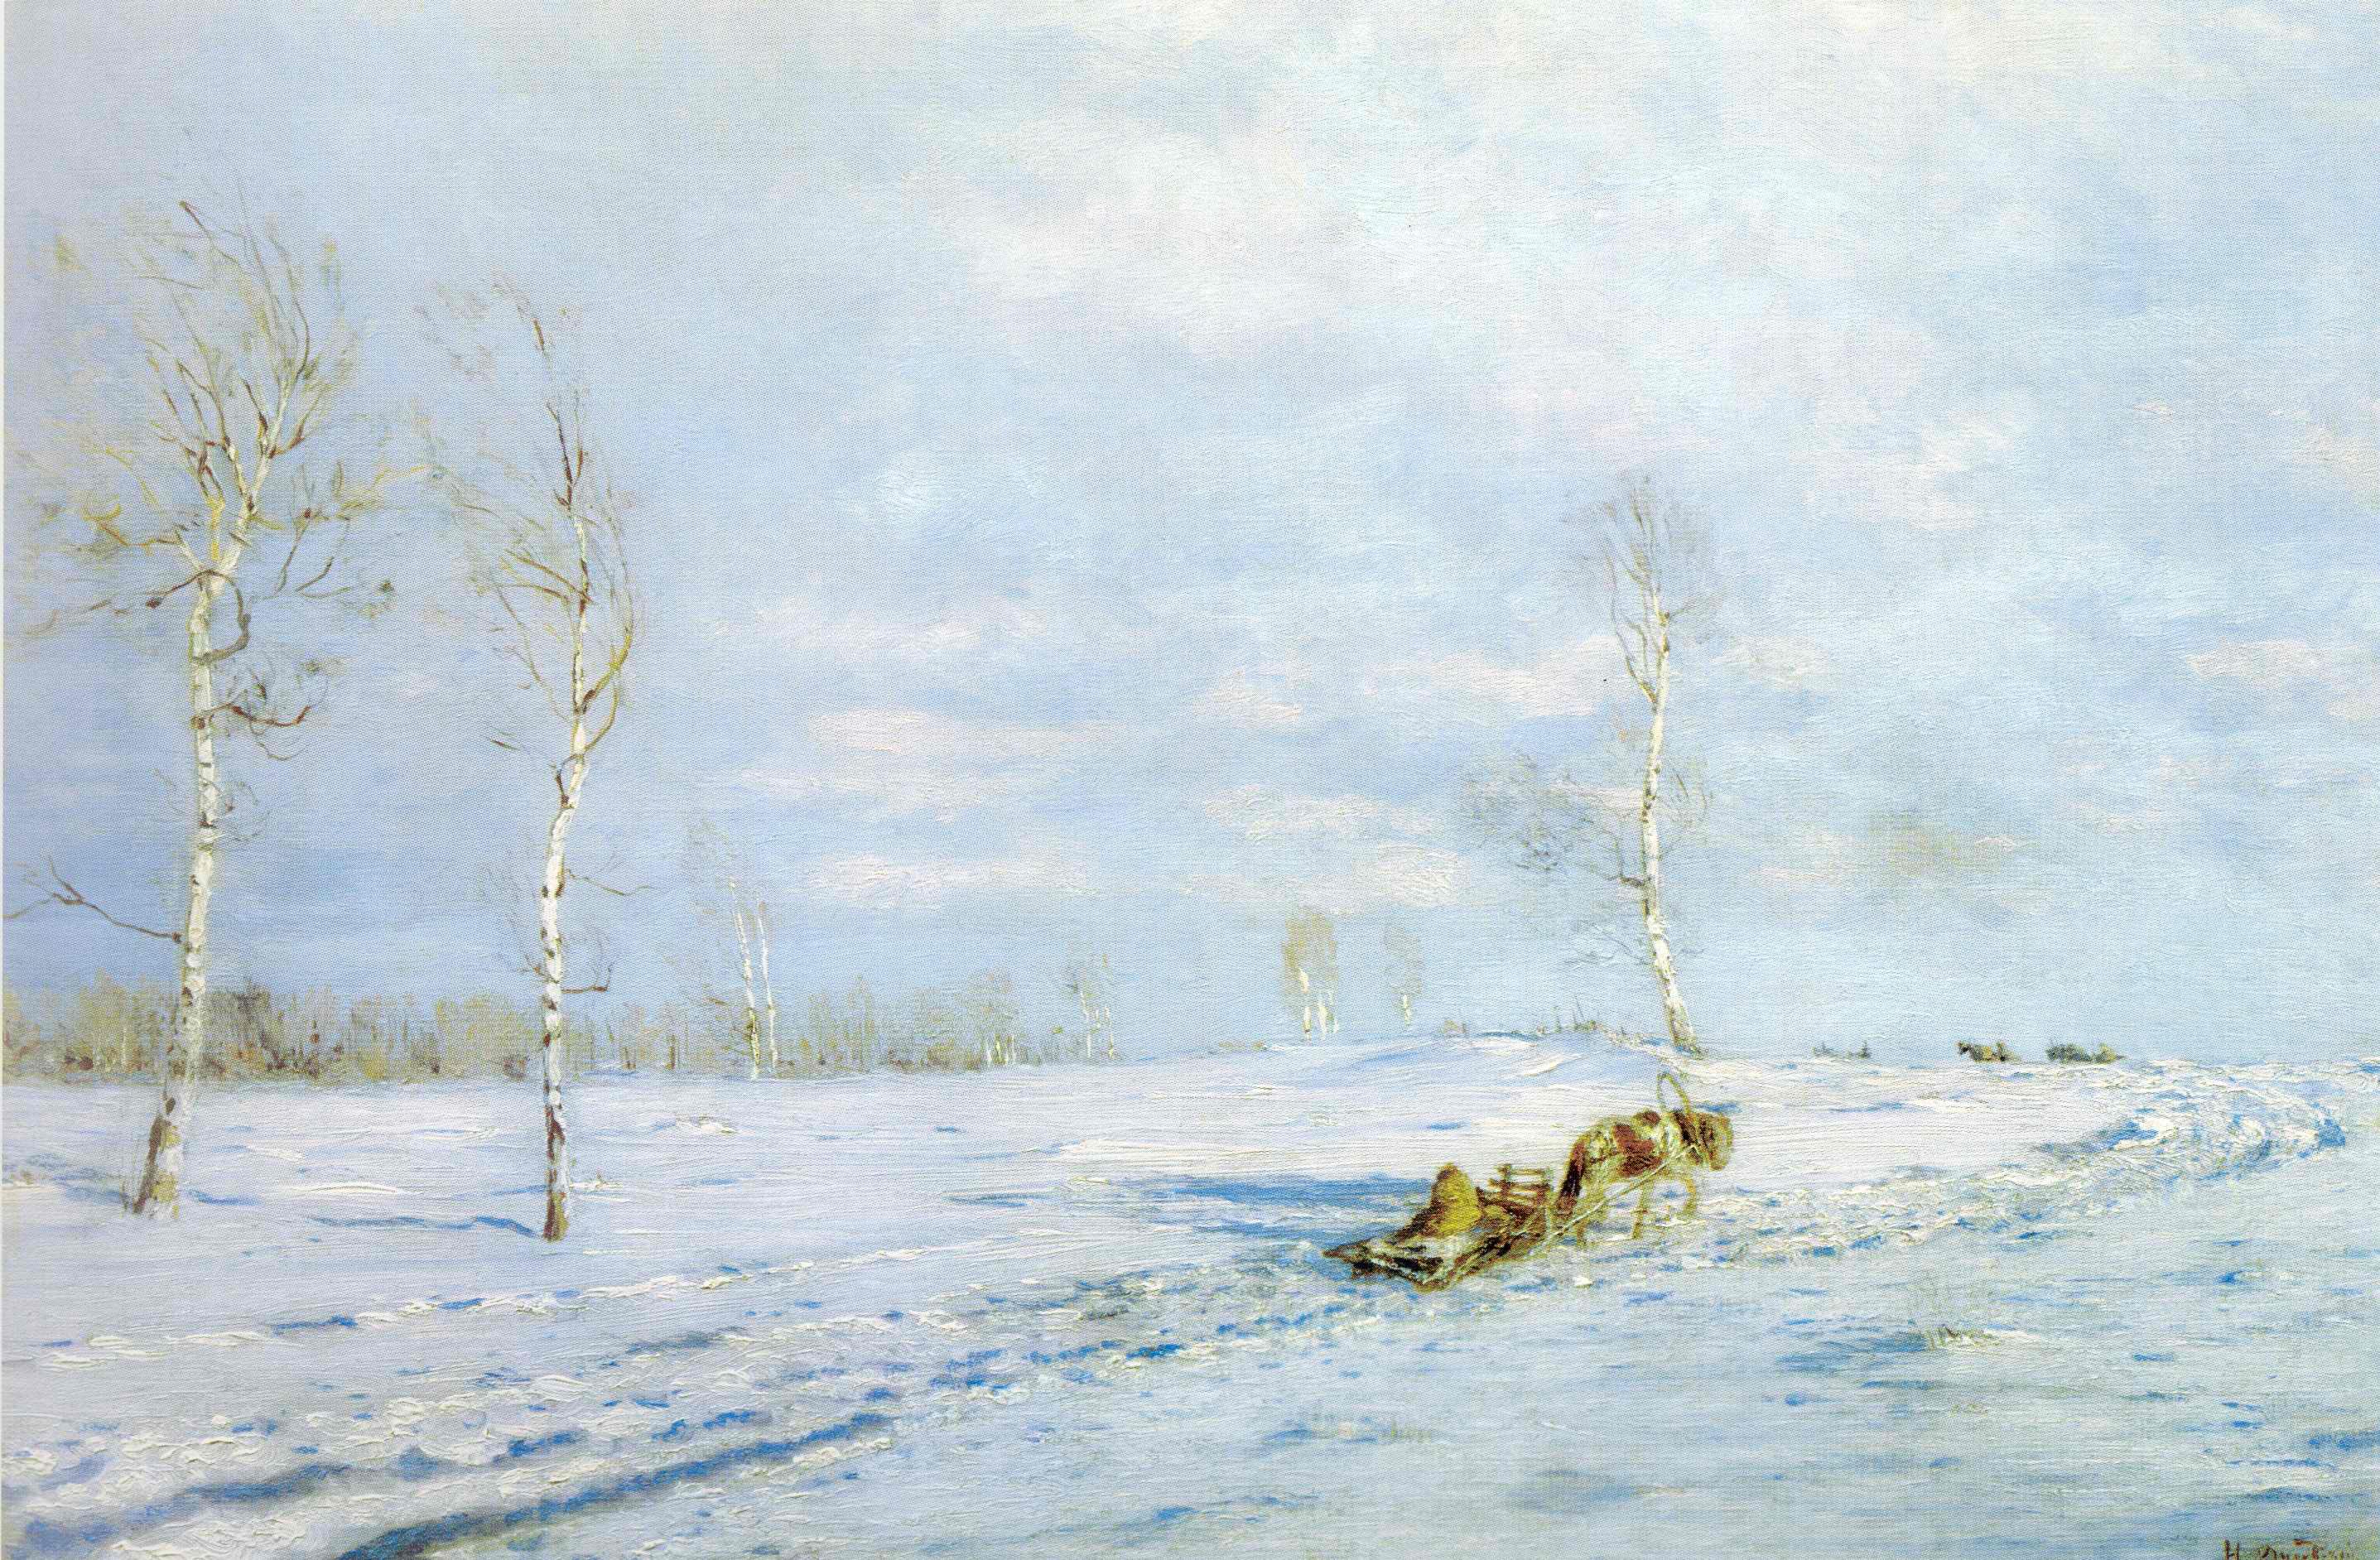 Николай Дубовской картина Санный путь зимний пейзаж холст масло